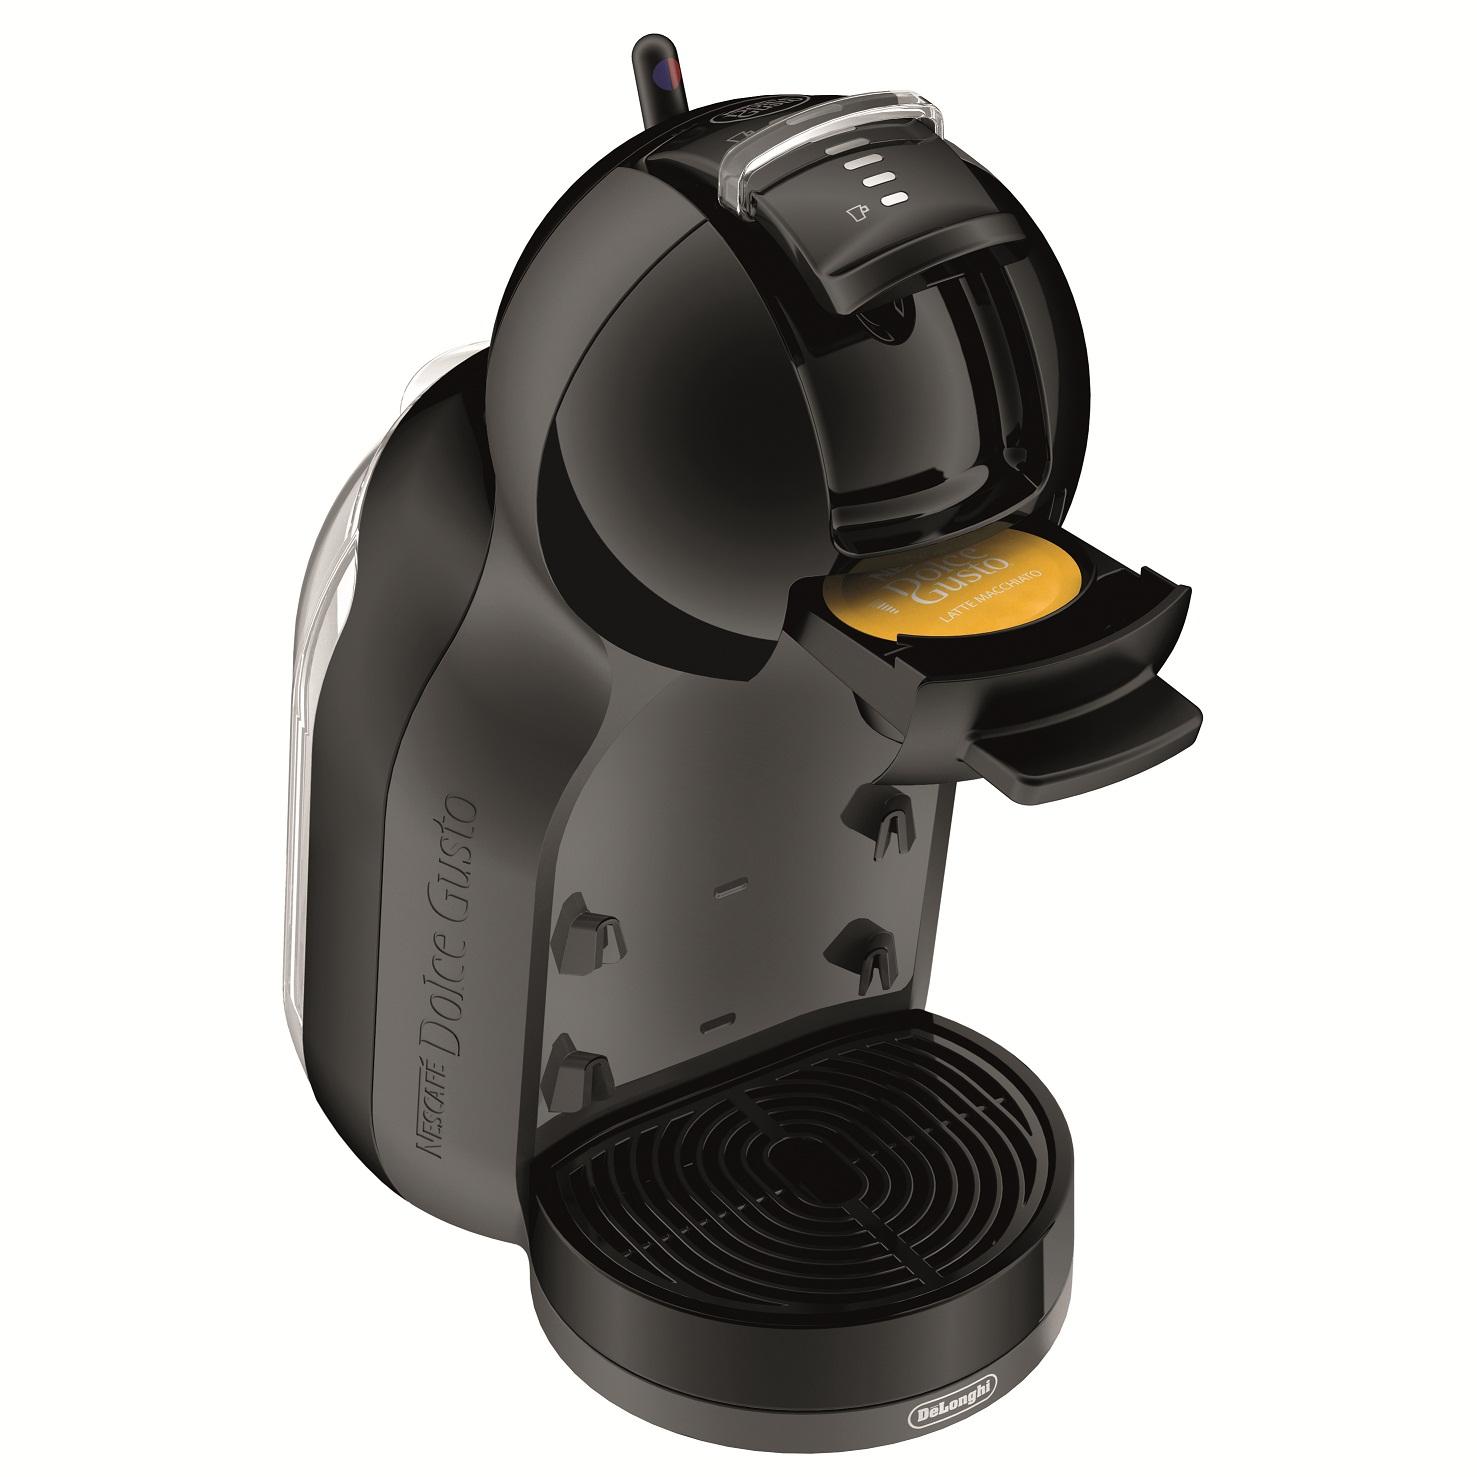 nescafe dolce gusto mini me piano black coffee capsule pod machine 8004399327702 ebay. Black Bedroom Furniture Sets. Home Design Ideas